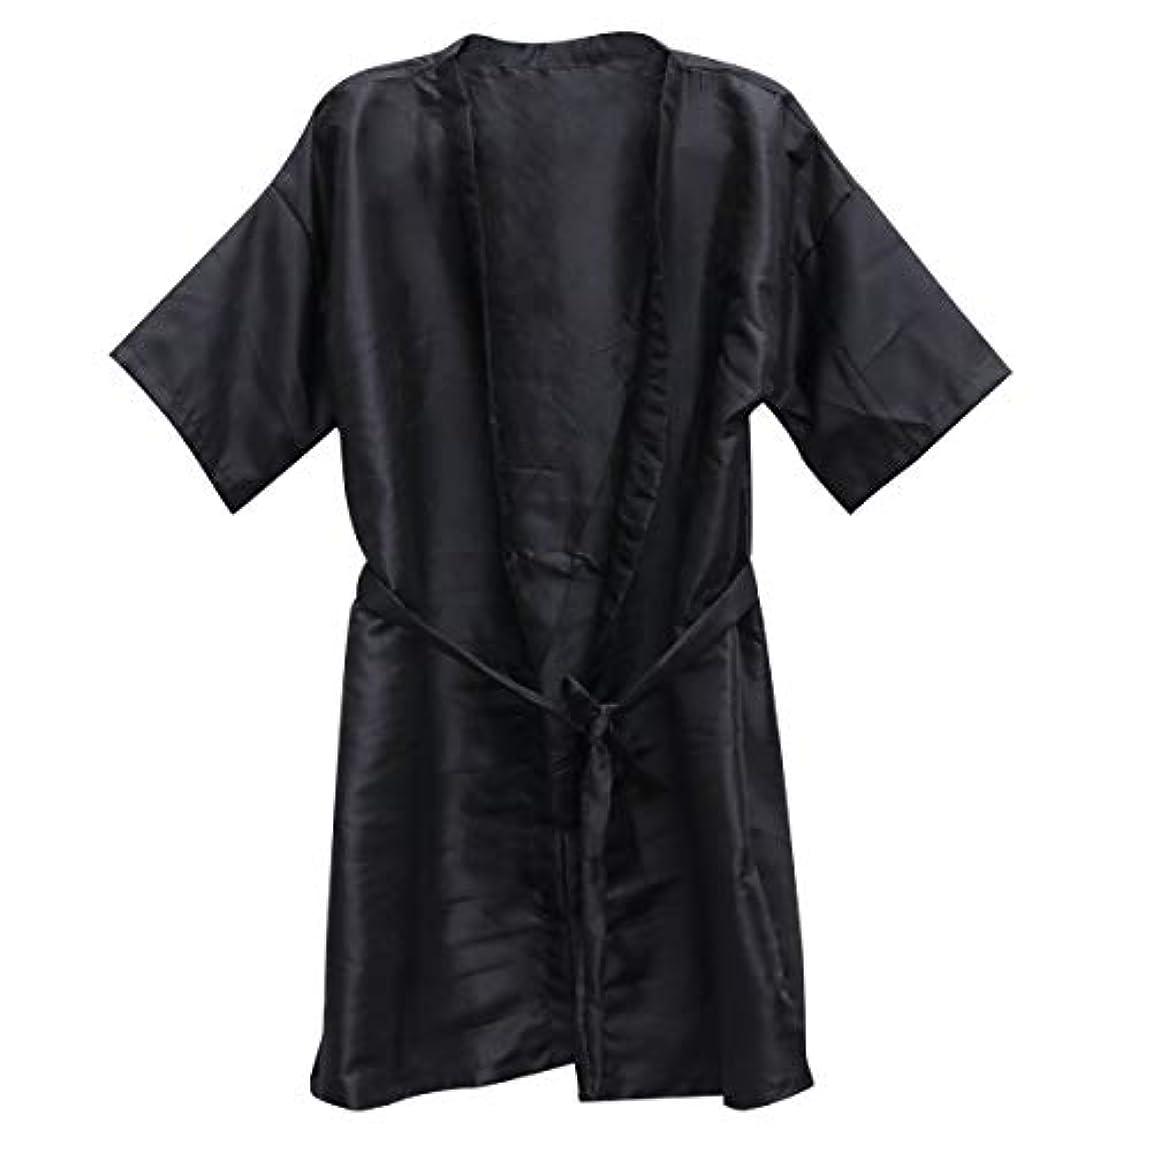 兄弟愛準備したネストFrcolor 美容院ケープ 理髪エプロン ヘア染めスーツ (ブラック)